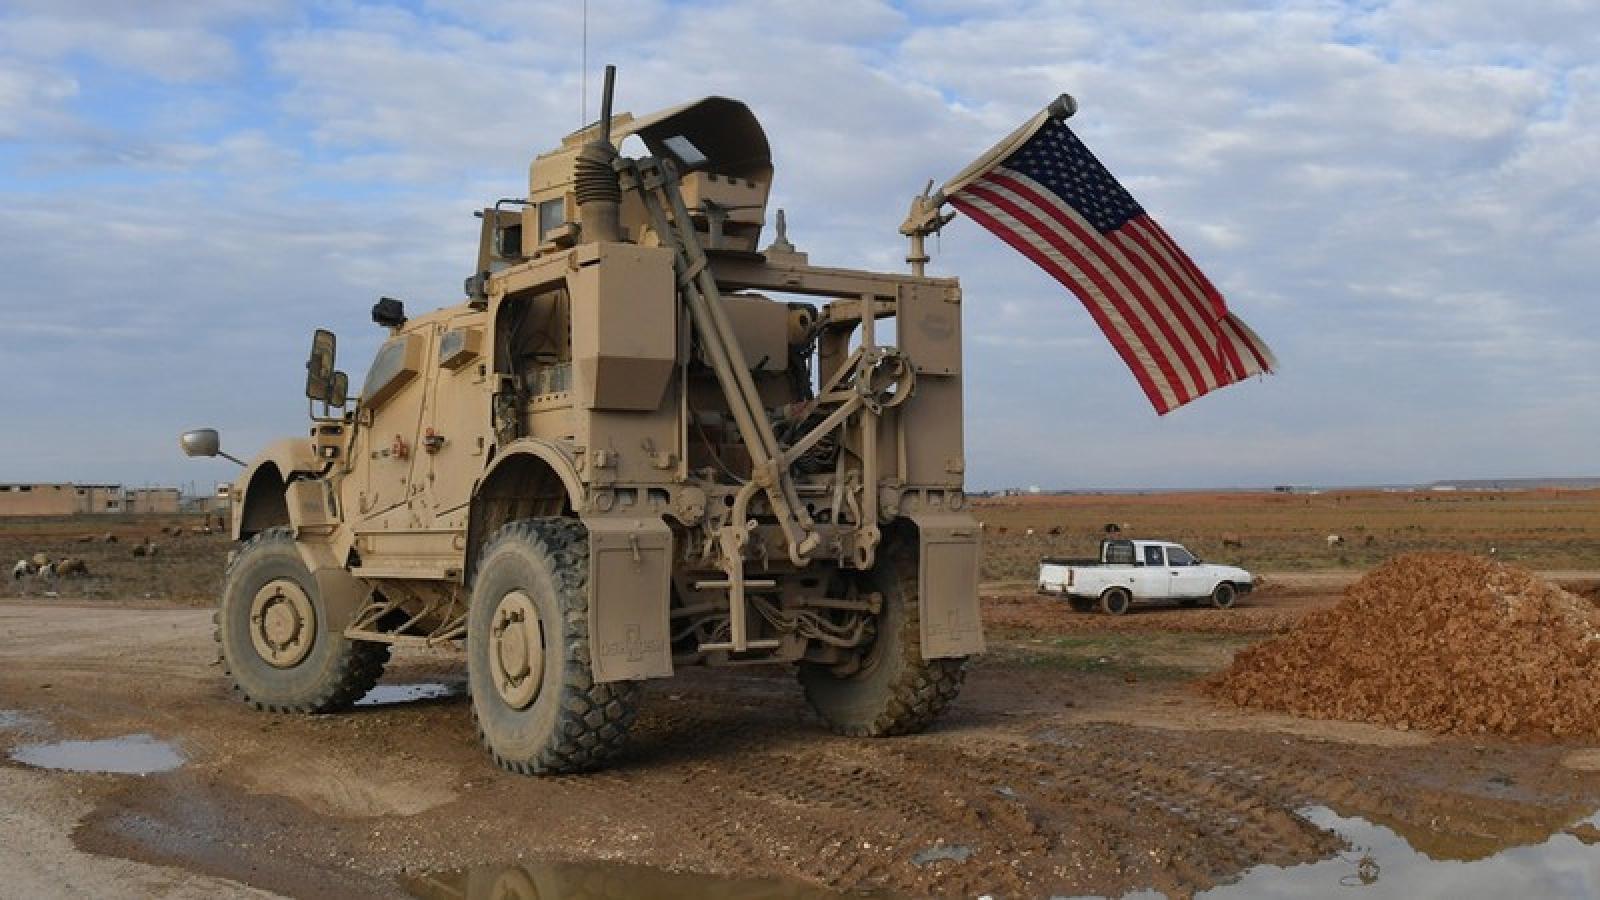 Mỹ ở Syria để tạo 'vũng lầy' cho Nga, không phải tiêu diệt khủng bố?